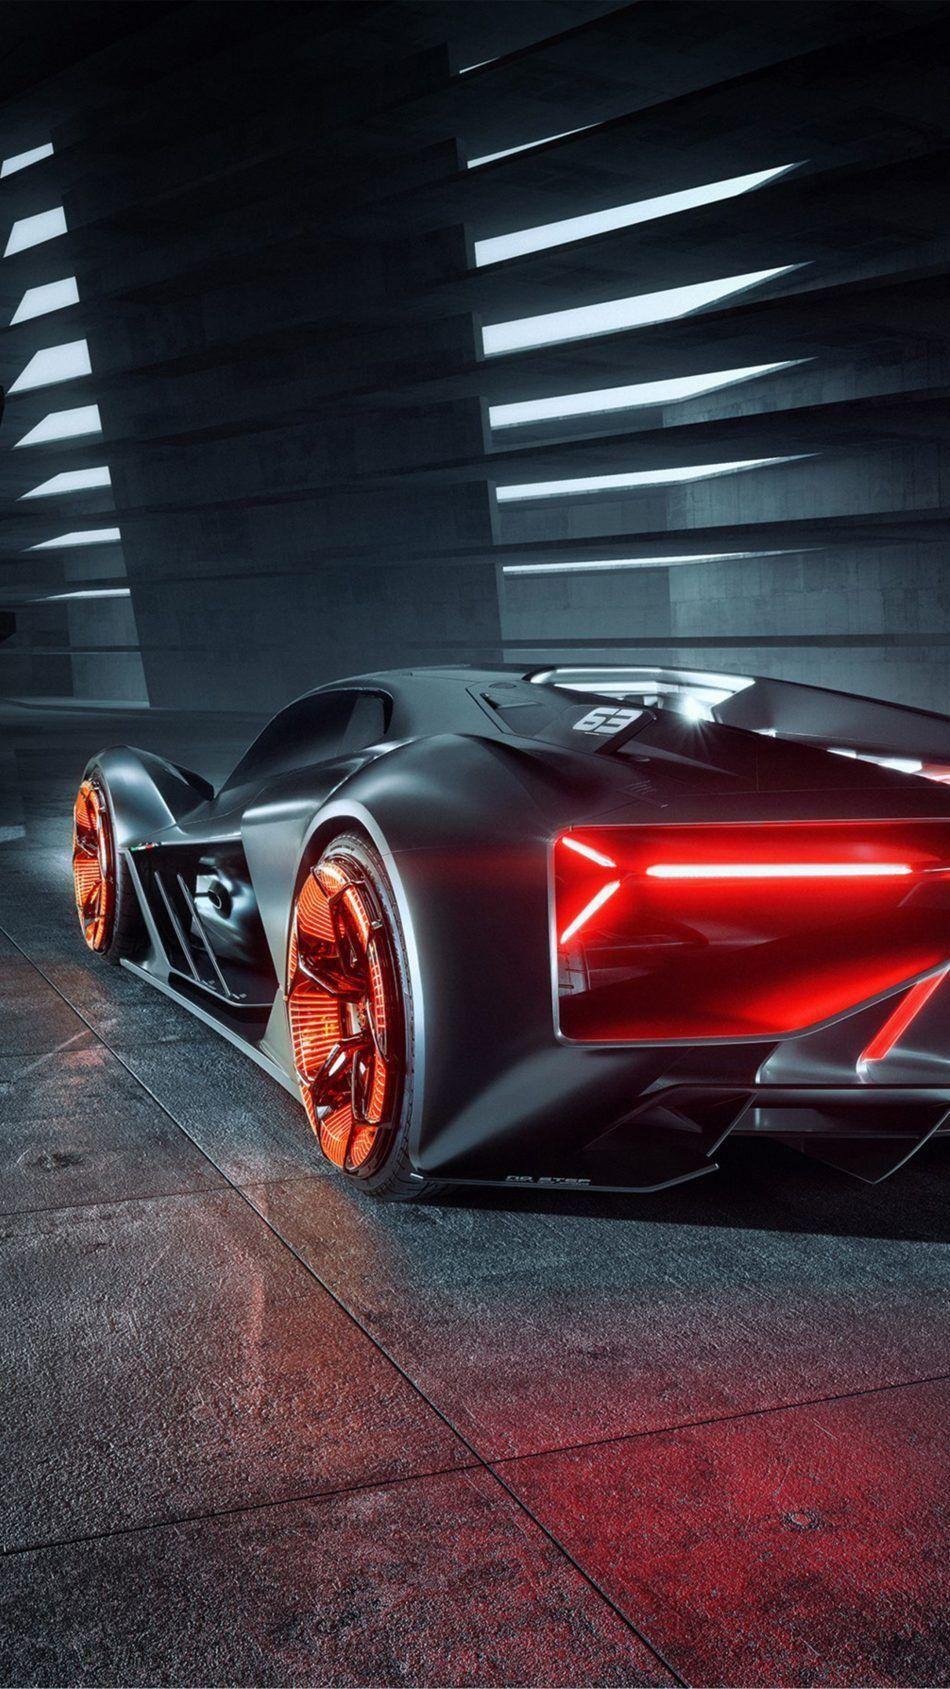 Pin Oleh The Wow Ann Di Iphone Wallpapers Di 2021 Konsep Mobil Mobil Sport Mobil Keren